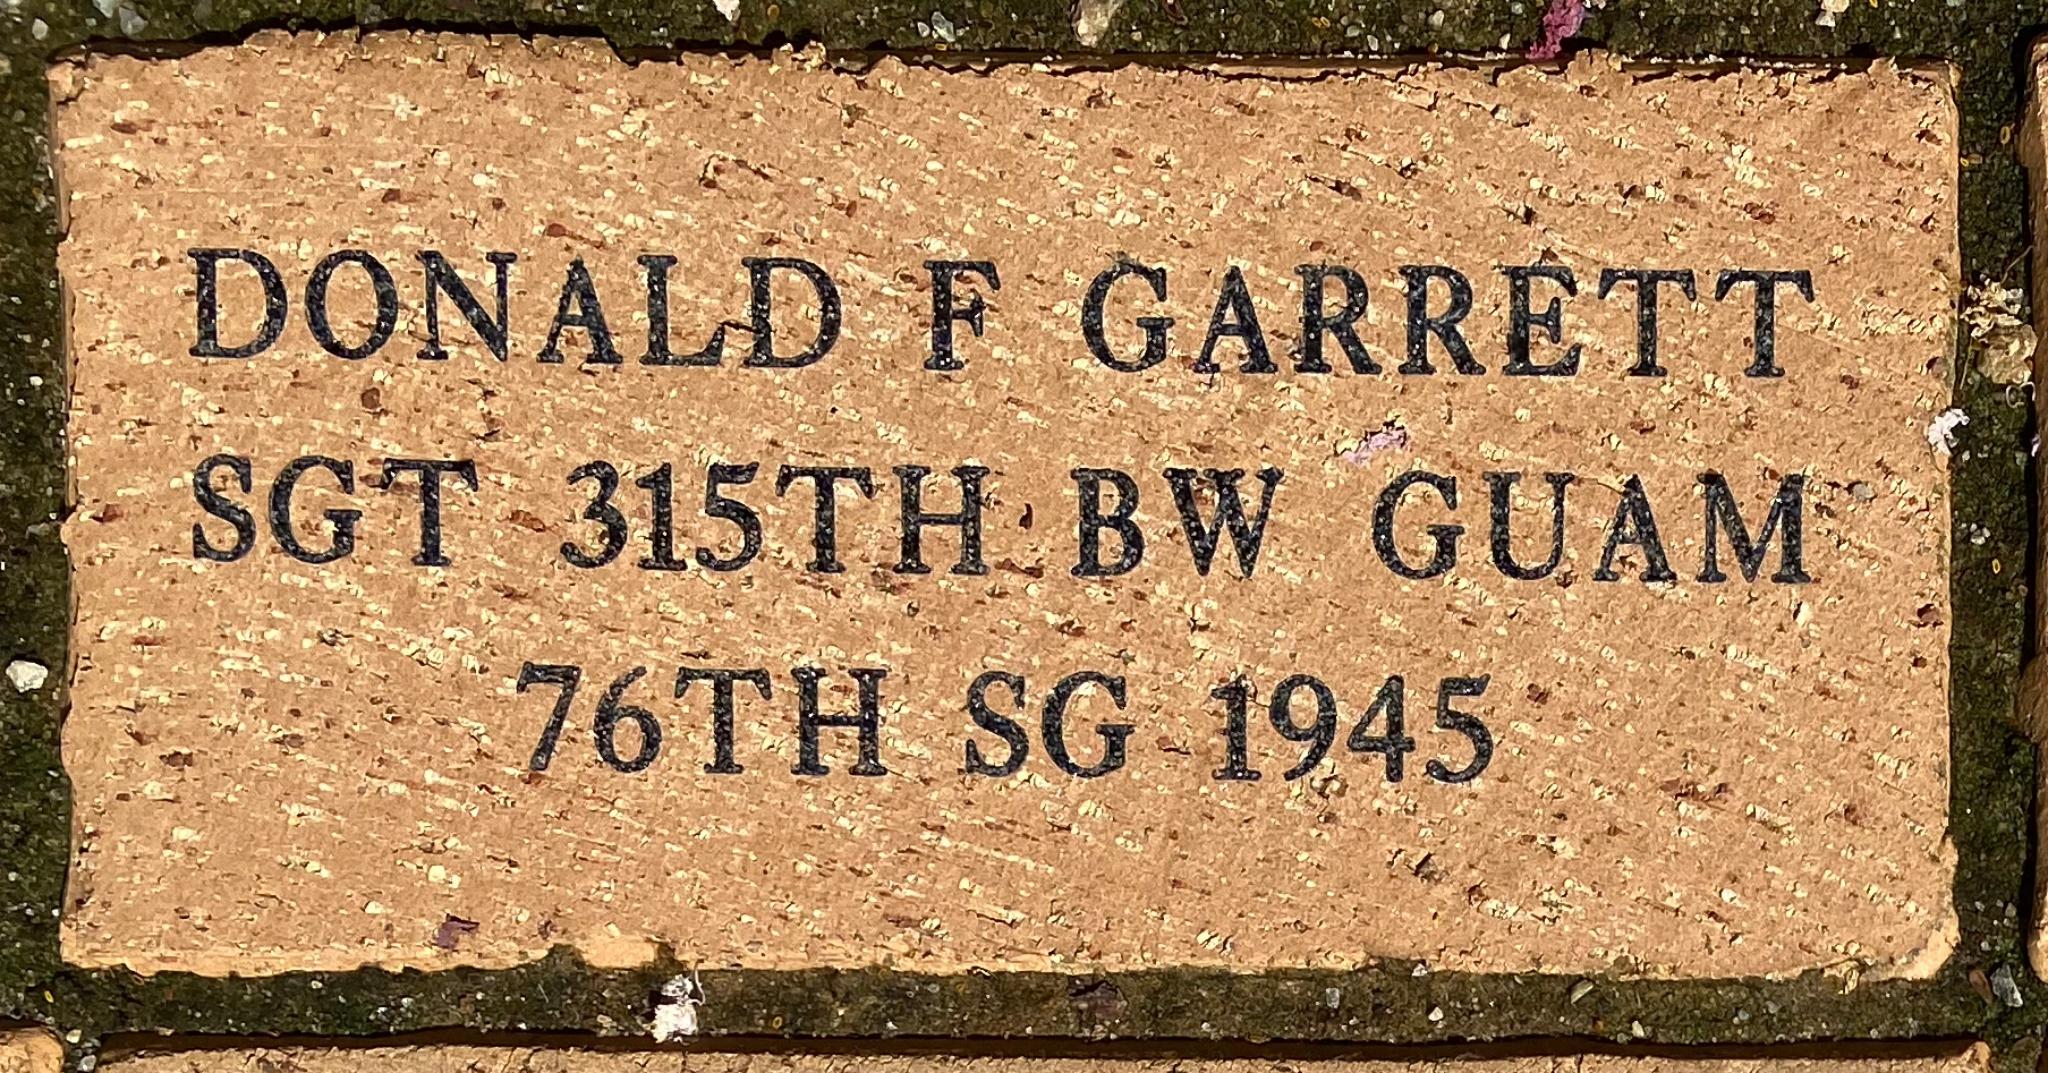 DONALD F GARRETT SGT 315TH BW GUAM 76TH SG 1945